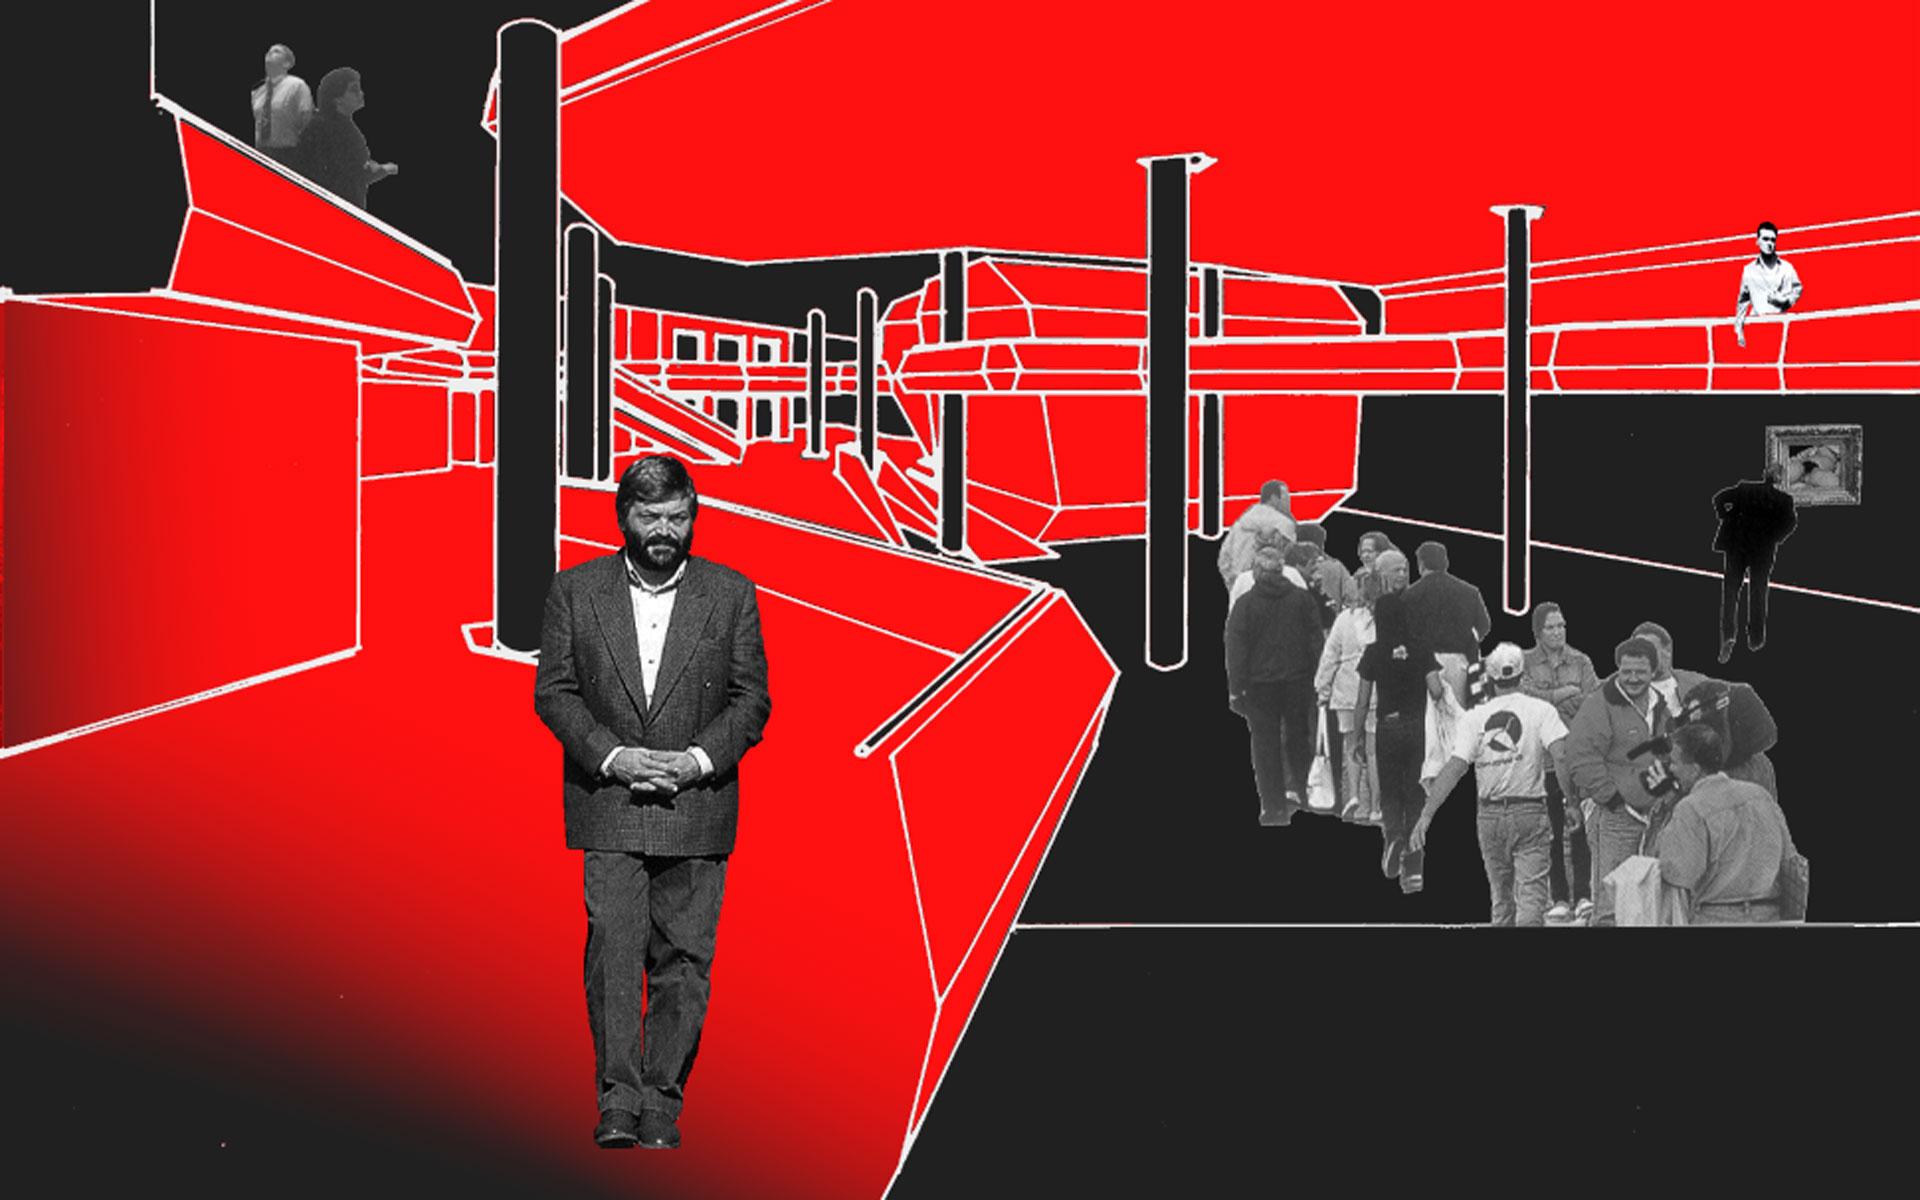 Arquitectura, collage concurso Fundación Mies van der Rohe